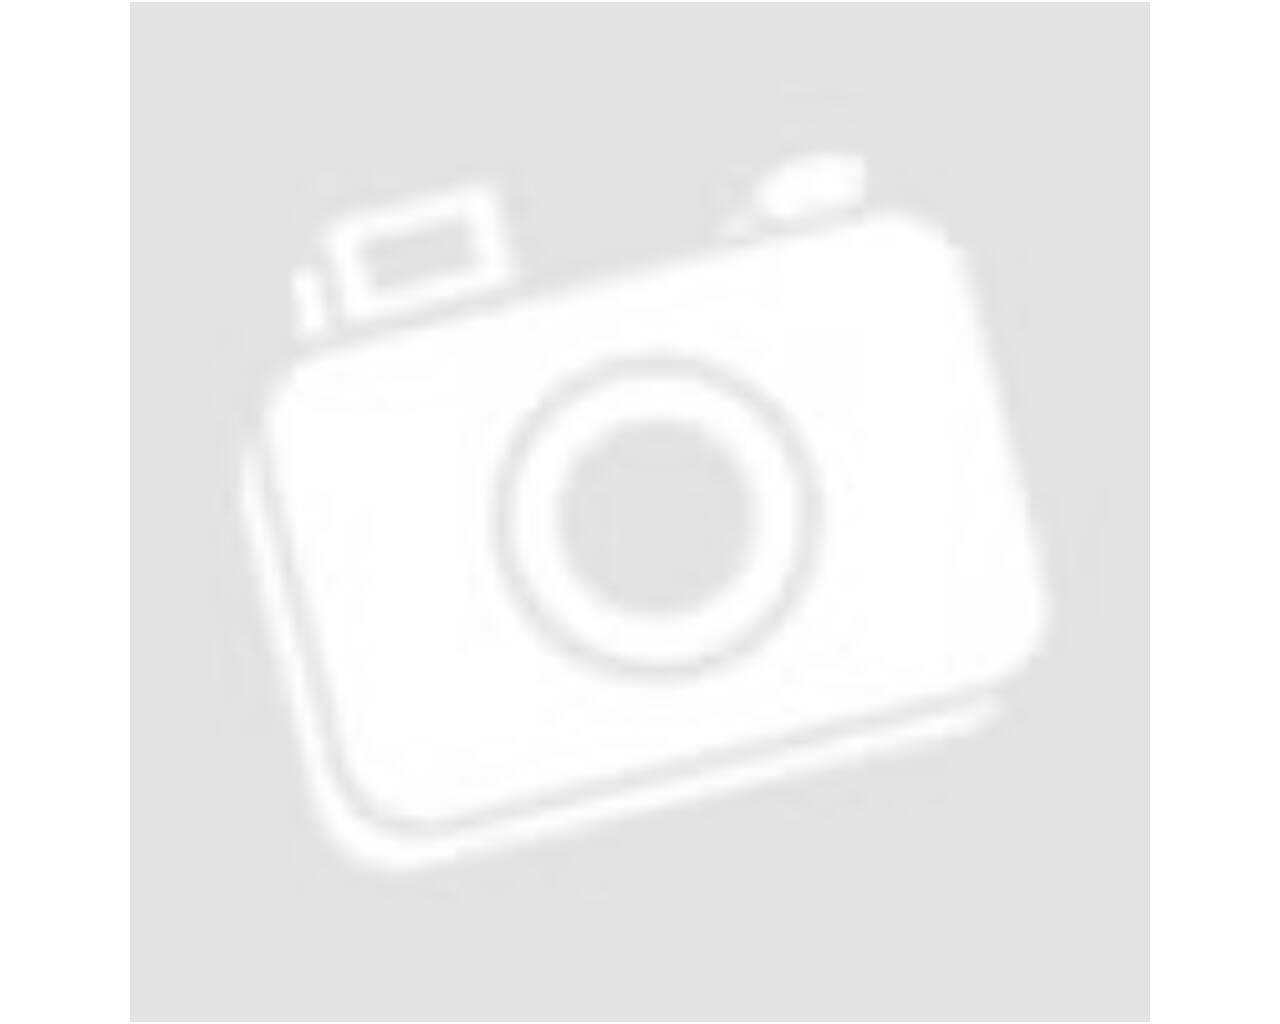 Hosseven füstcső, zománcozott lemez, 130 x 500 mm, barna